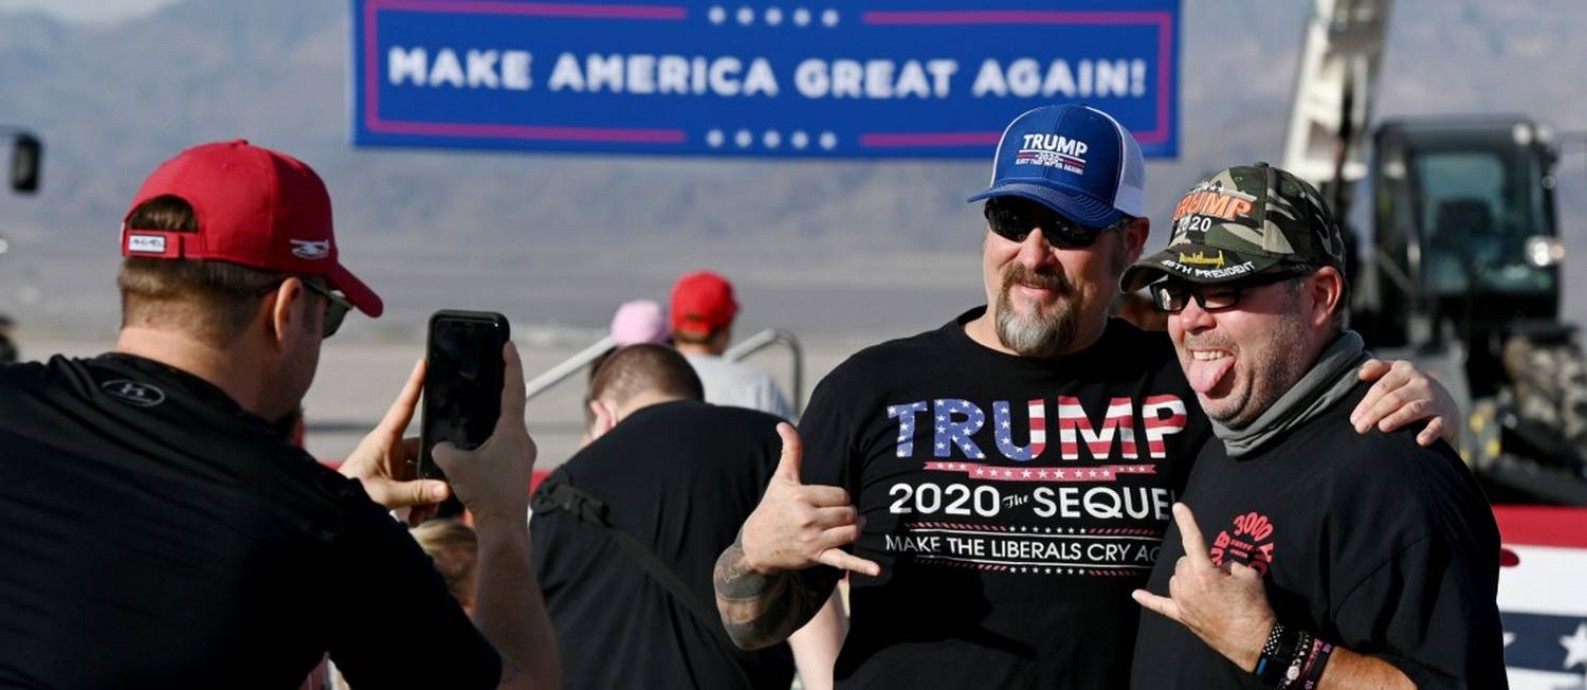 Apoiadores de Donald Trump posam para uma foto em um comício do vice-presidente, Mike Pence, em Boulder City, Nevada Foto: Ethan Miller / AFP